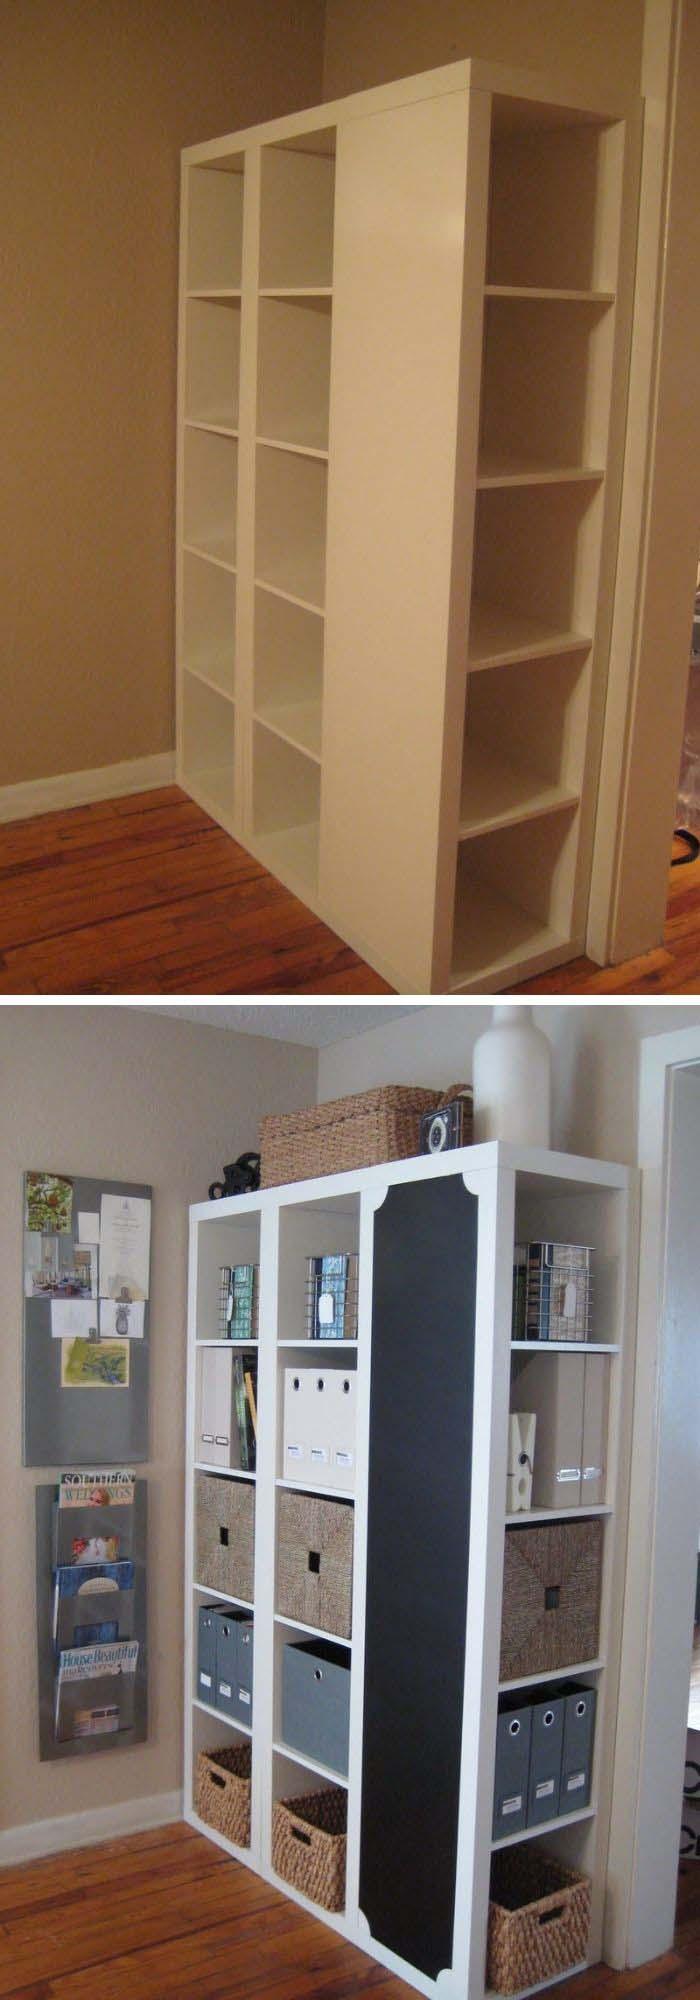 IKEA Shelf Makeover #furniture #makeover #decorhomeideas